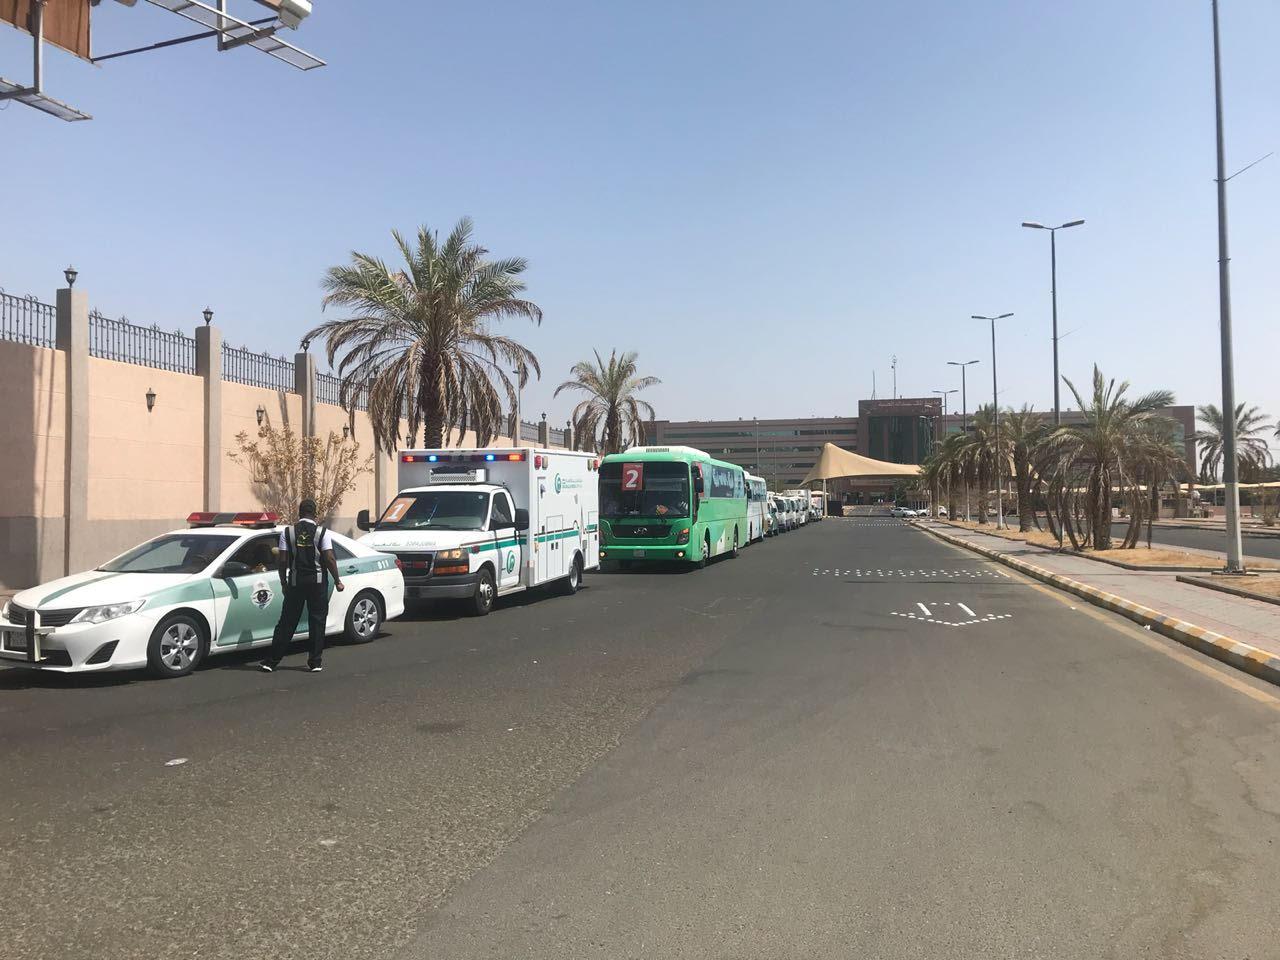 مدينة الملك عبدالله تصعّد 42 حاجا من مرضاها المنومين لمشعر عرفات